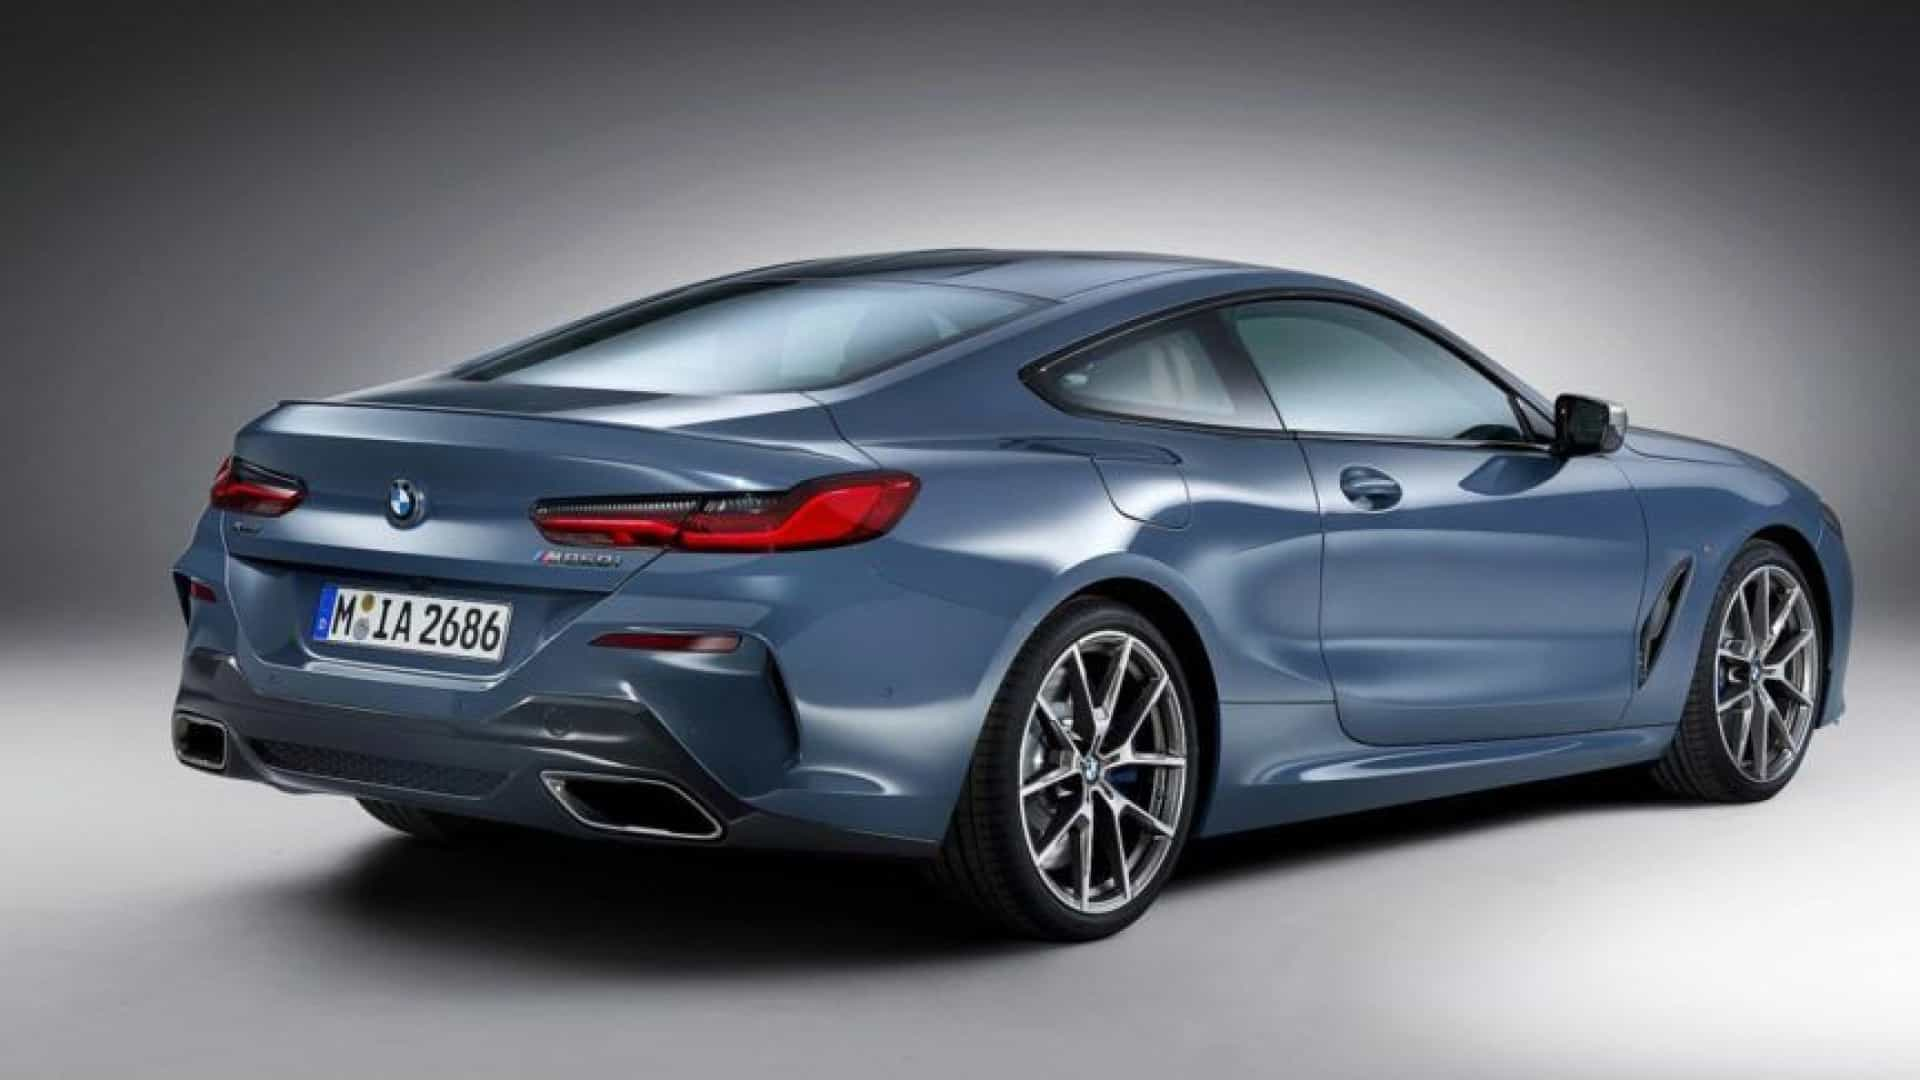 BMW apresentou o novo Série 8 Coupé. Já conhece?